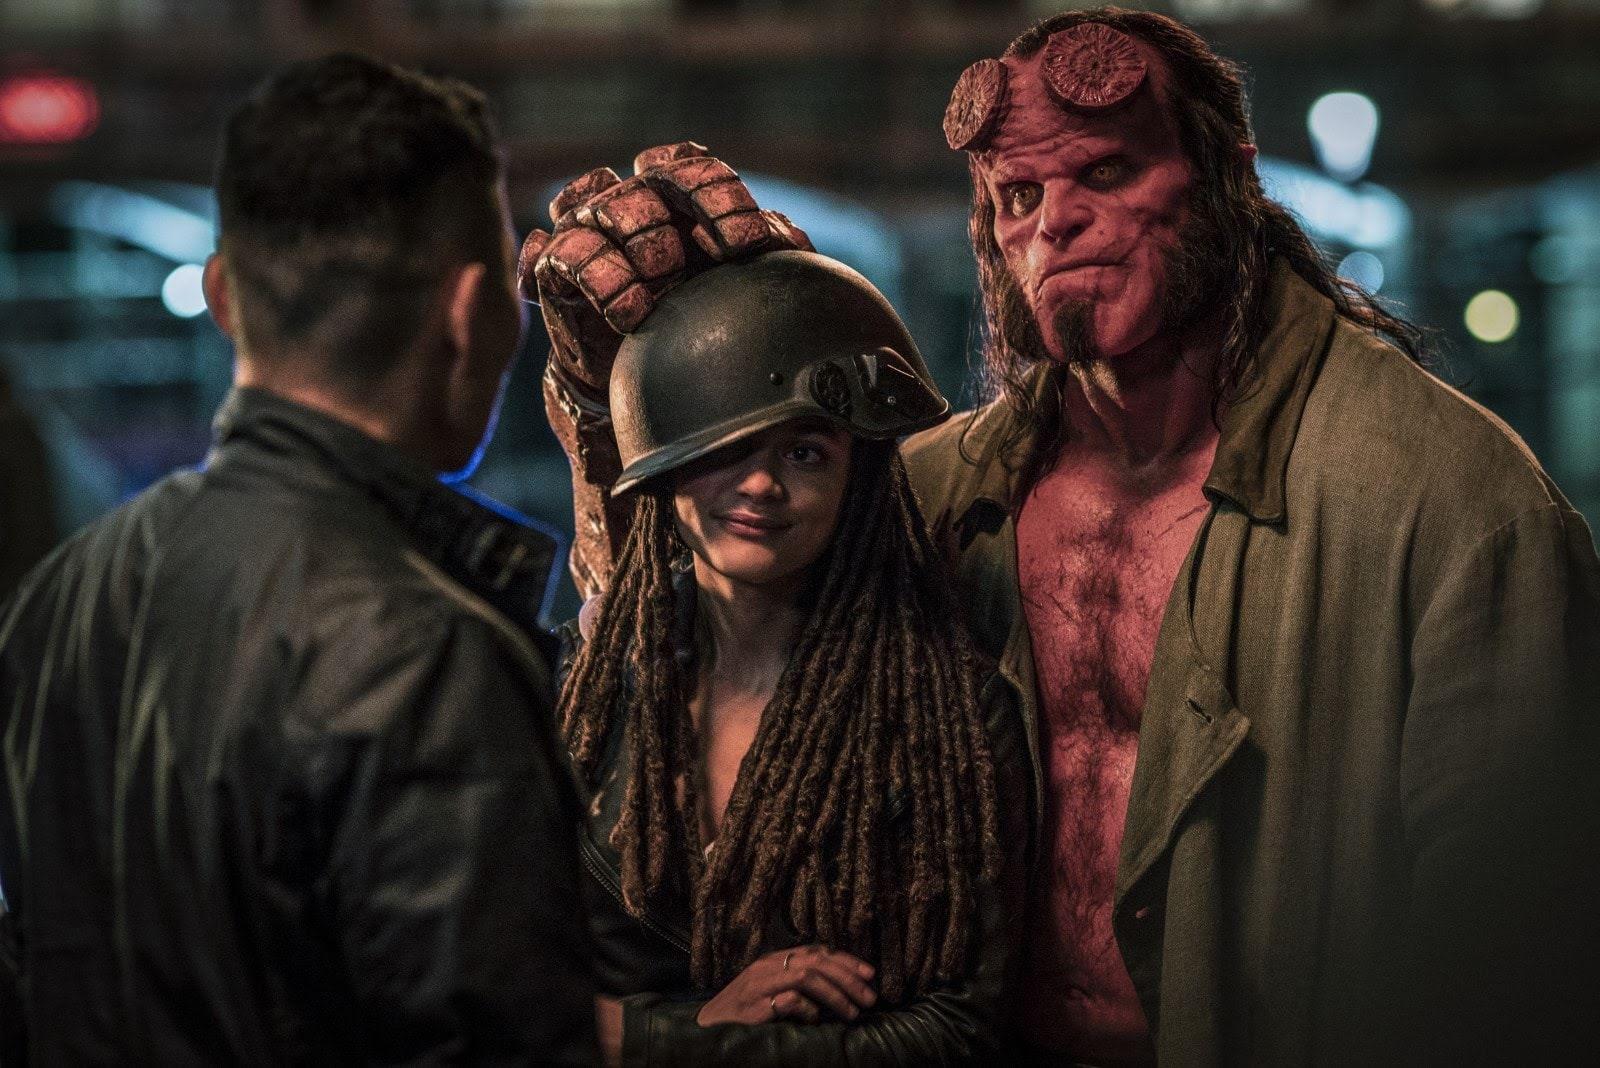 Hellboy : 赤い悪魔のアンチ・ヒーロー映画「ヘルボーイ」の新しい写真とテキストレスのポスター ! !